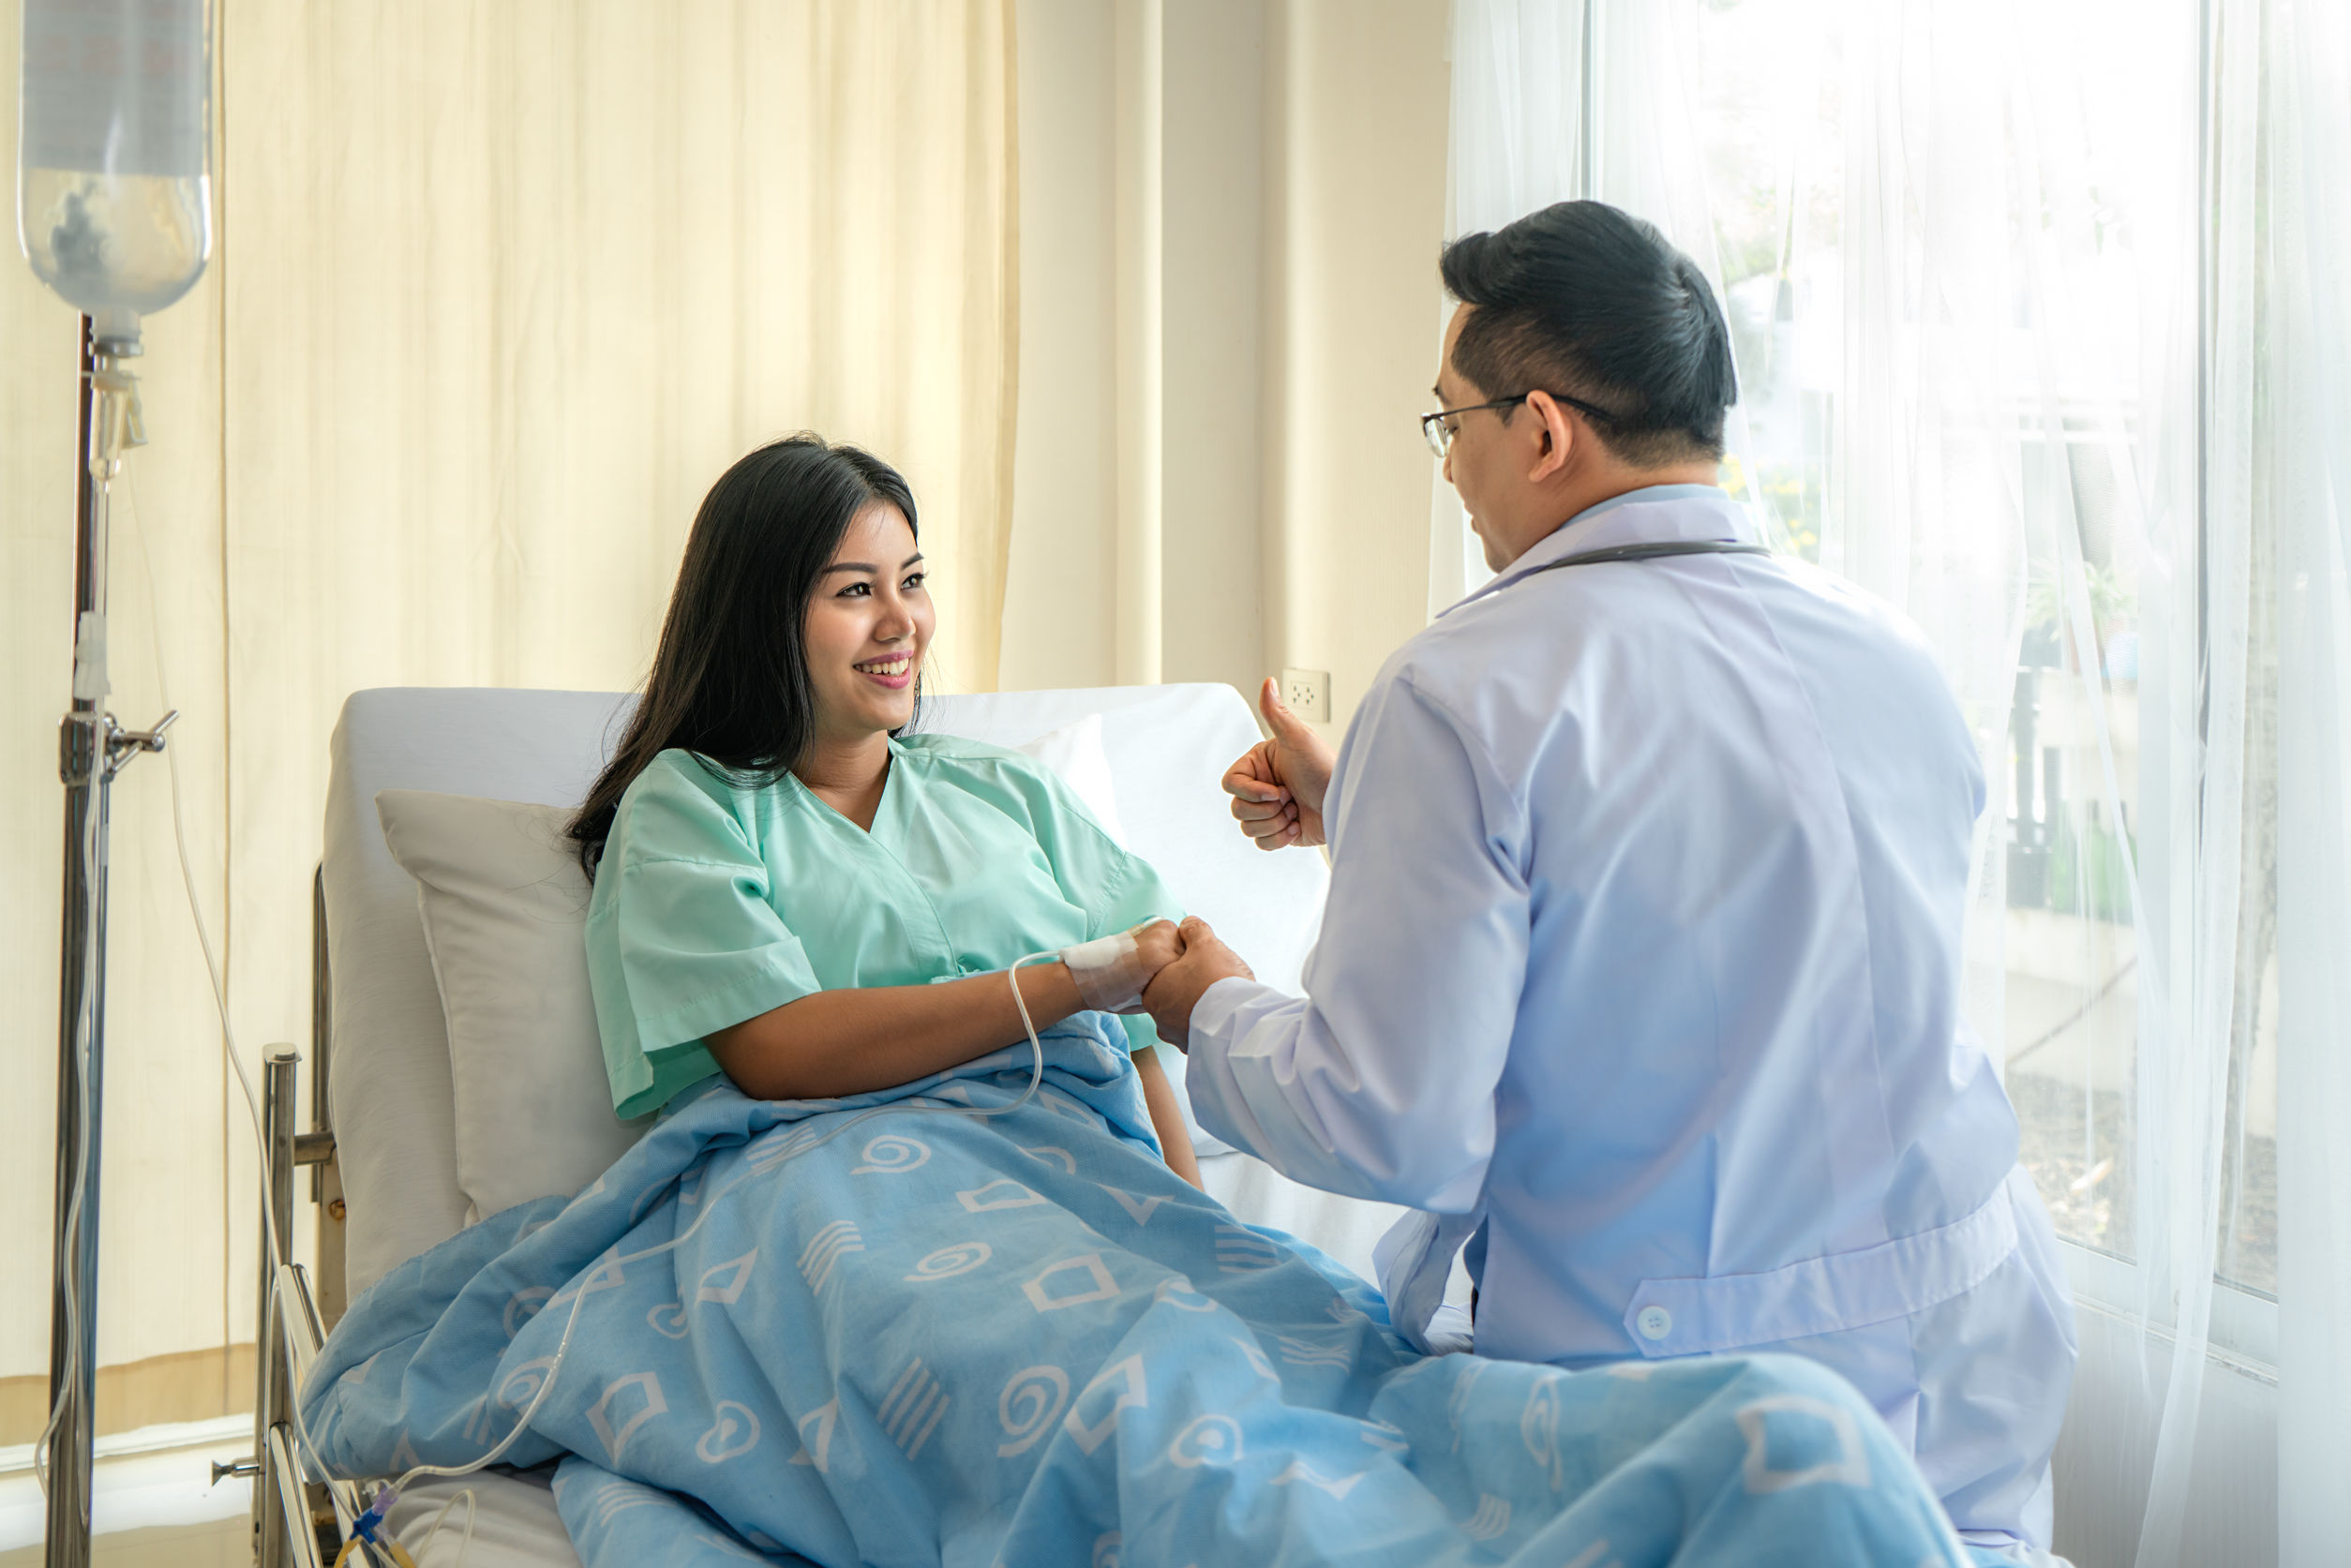 Ilustrasi: seorang pasien yang sedang dirawat